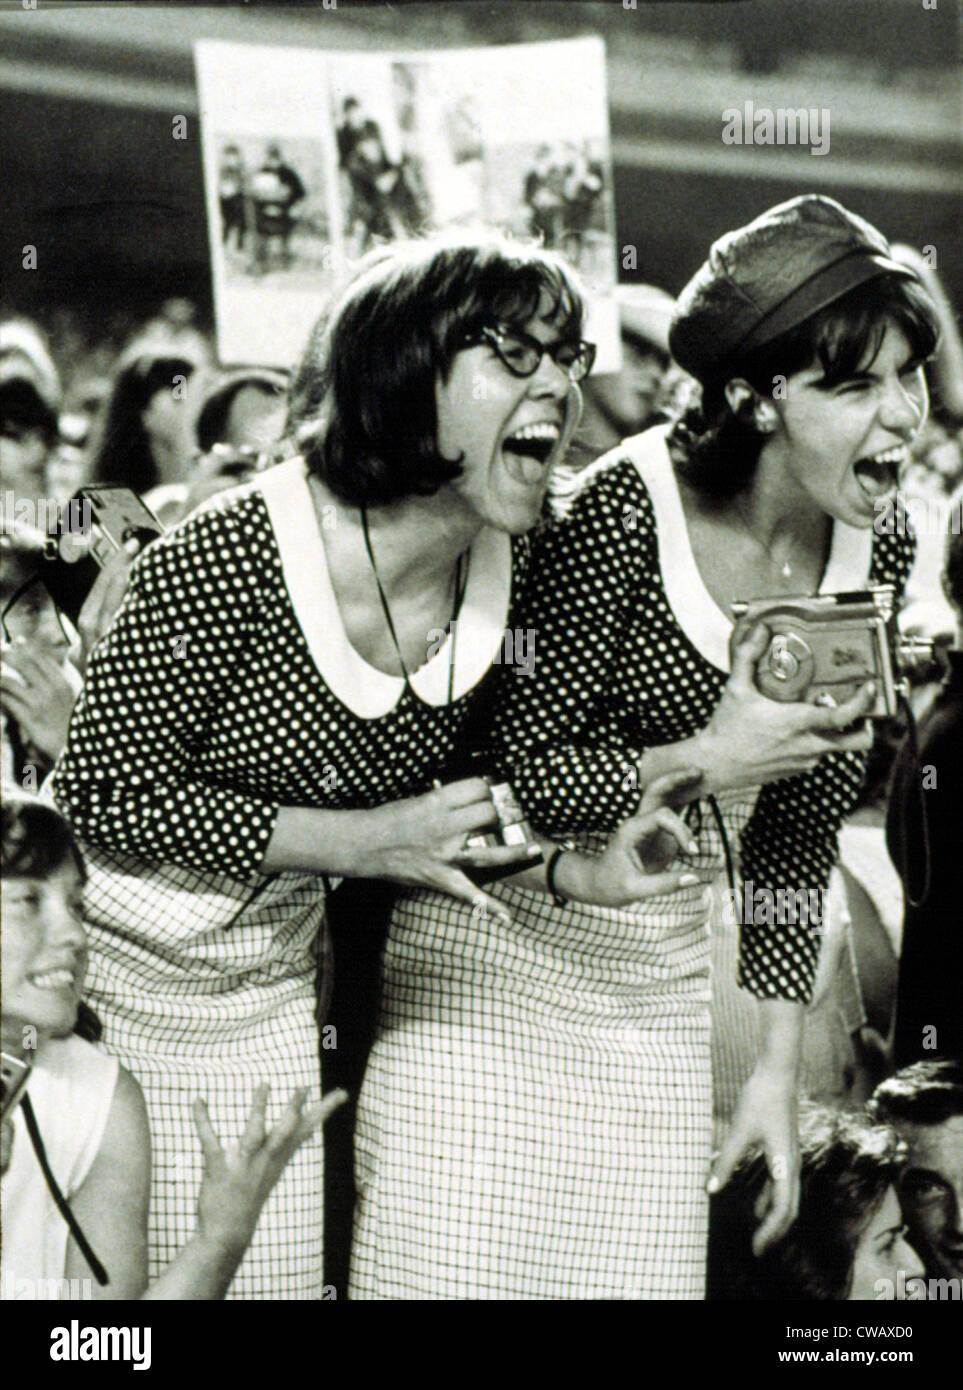 """BEATLES FANS schreien bei einem Konzert im Shea Stadium, NY, 15.08.65, anzeigen, was heißt, """"Beatlemania."""". Höflichkeit: Stockfoto"""